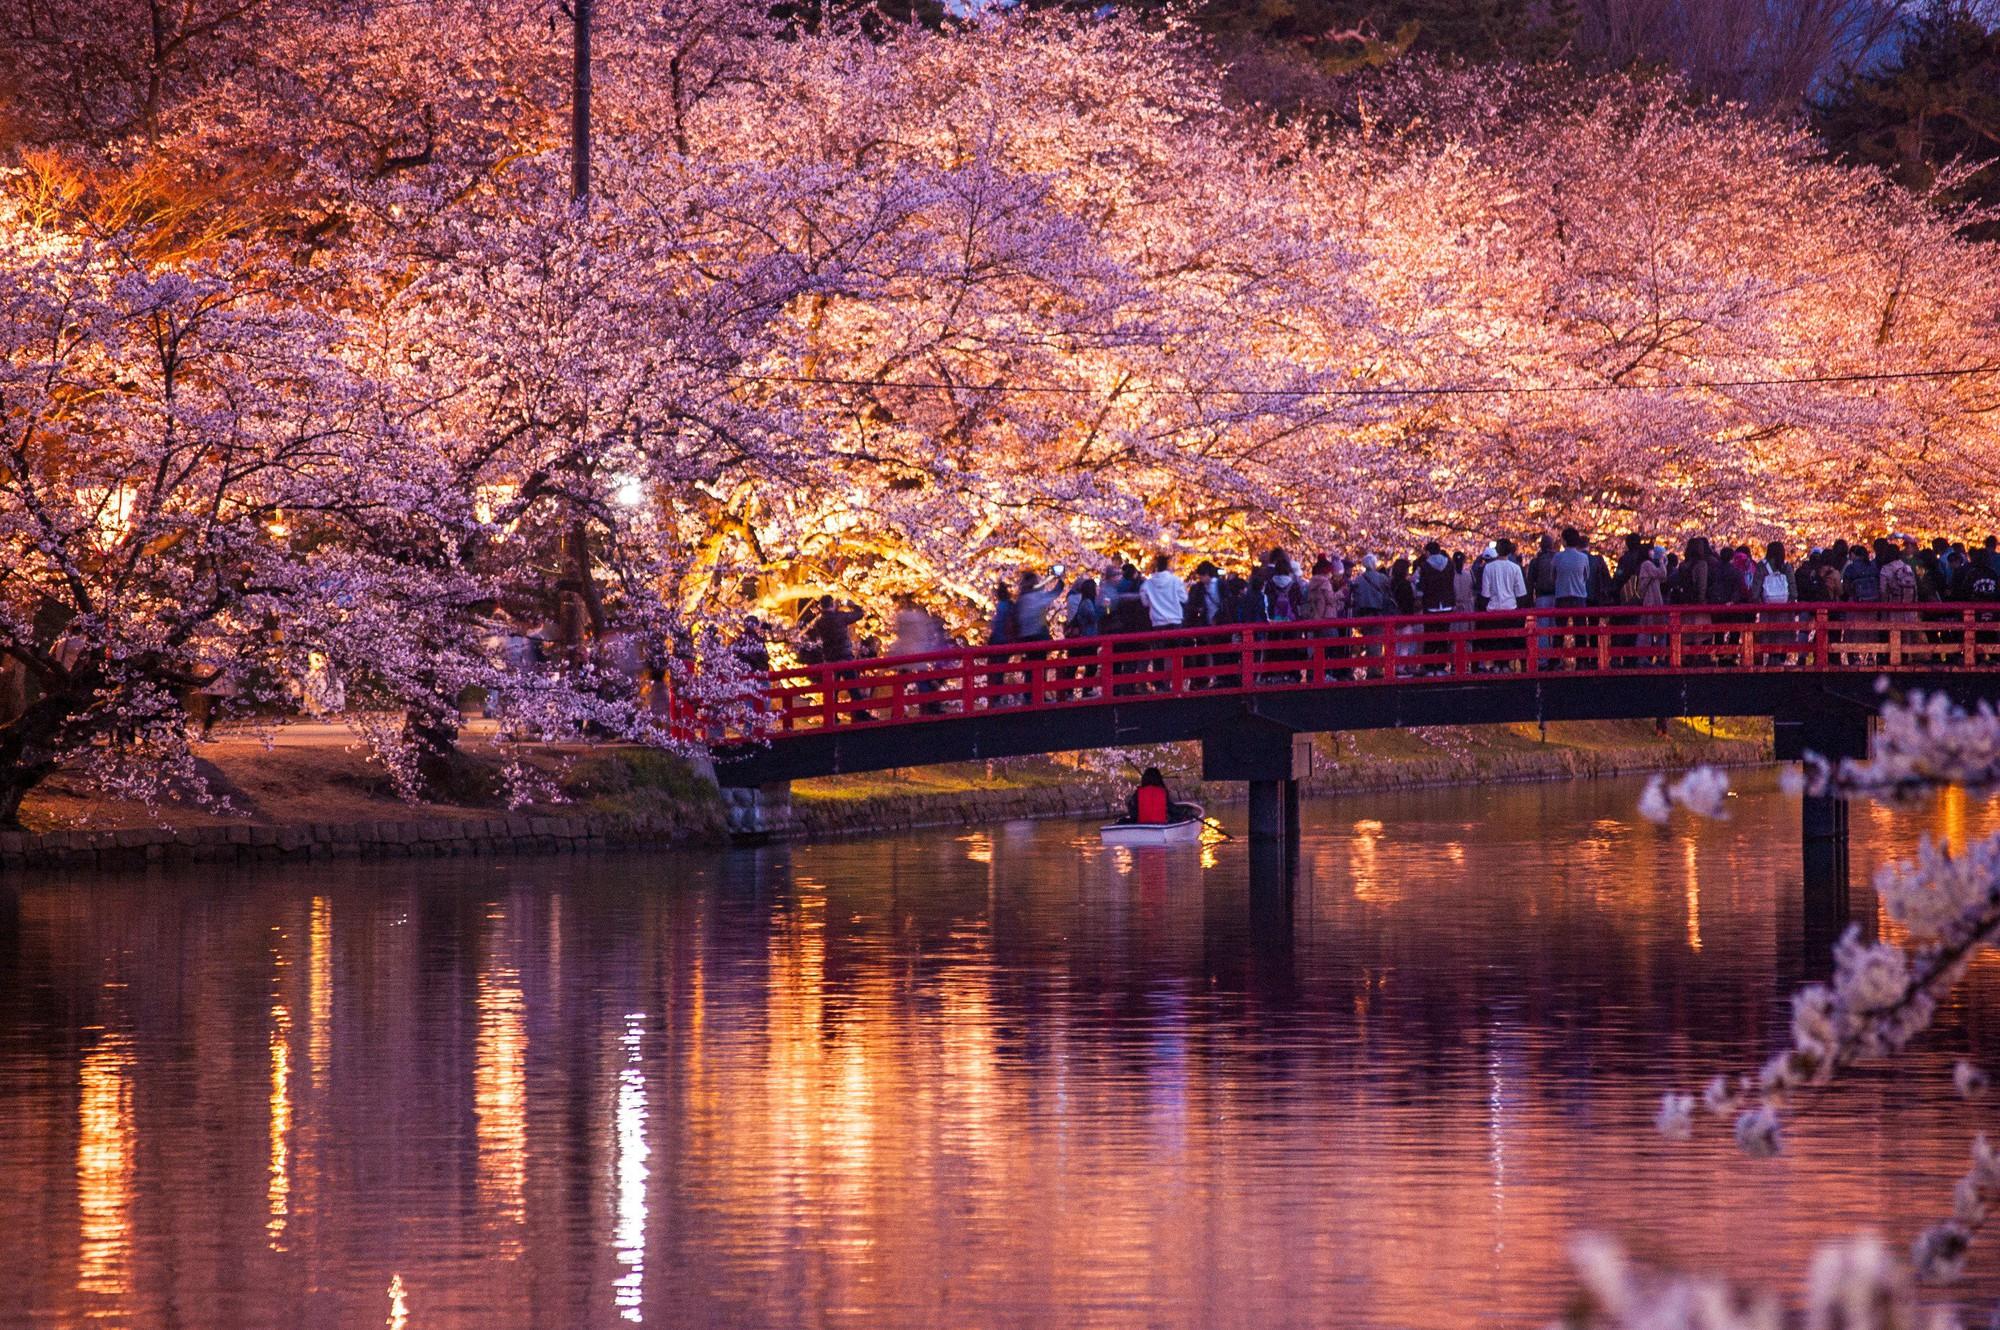 Người dân Nhật ngỡ ngàng chiêm ngưỡng những bông hoa anh đào băng tuyết trong thời tiết lạnh giá kéo dài - Ảnh 6.